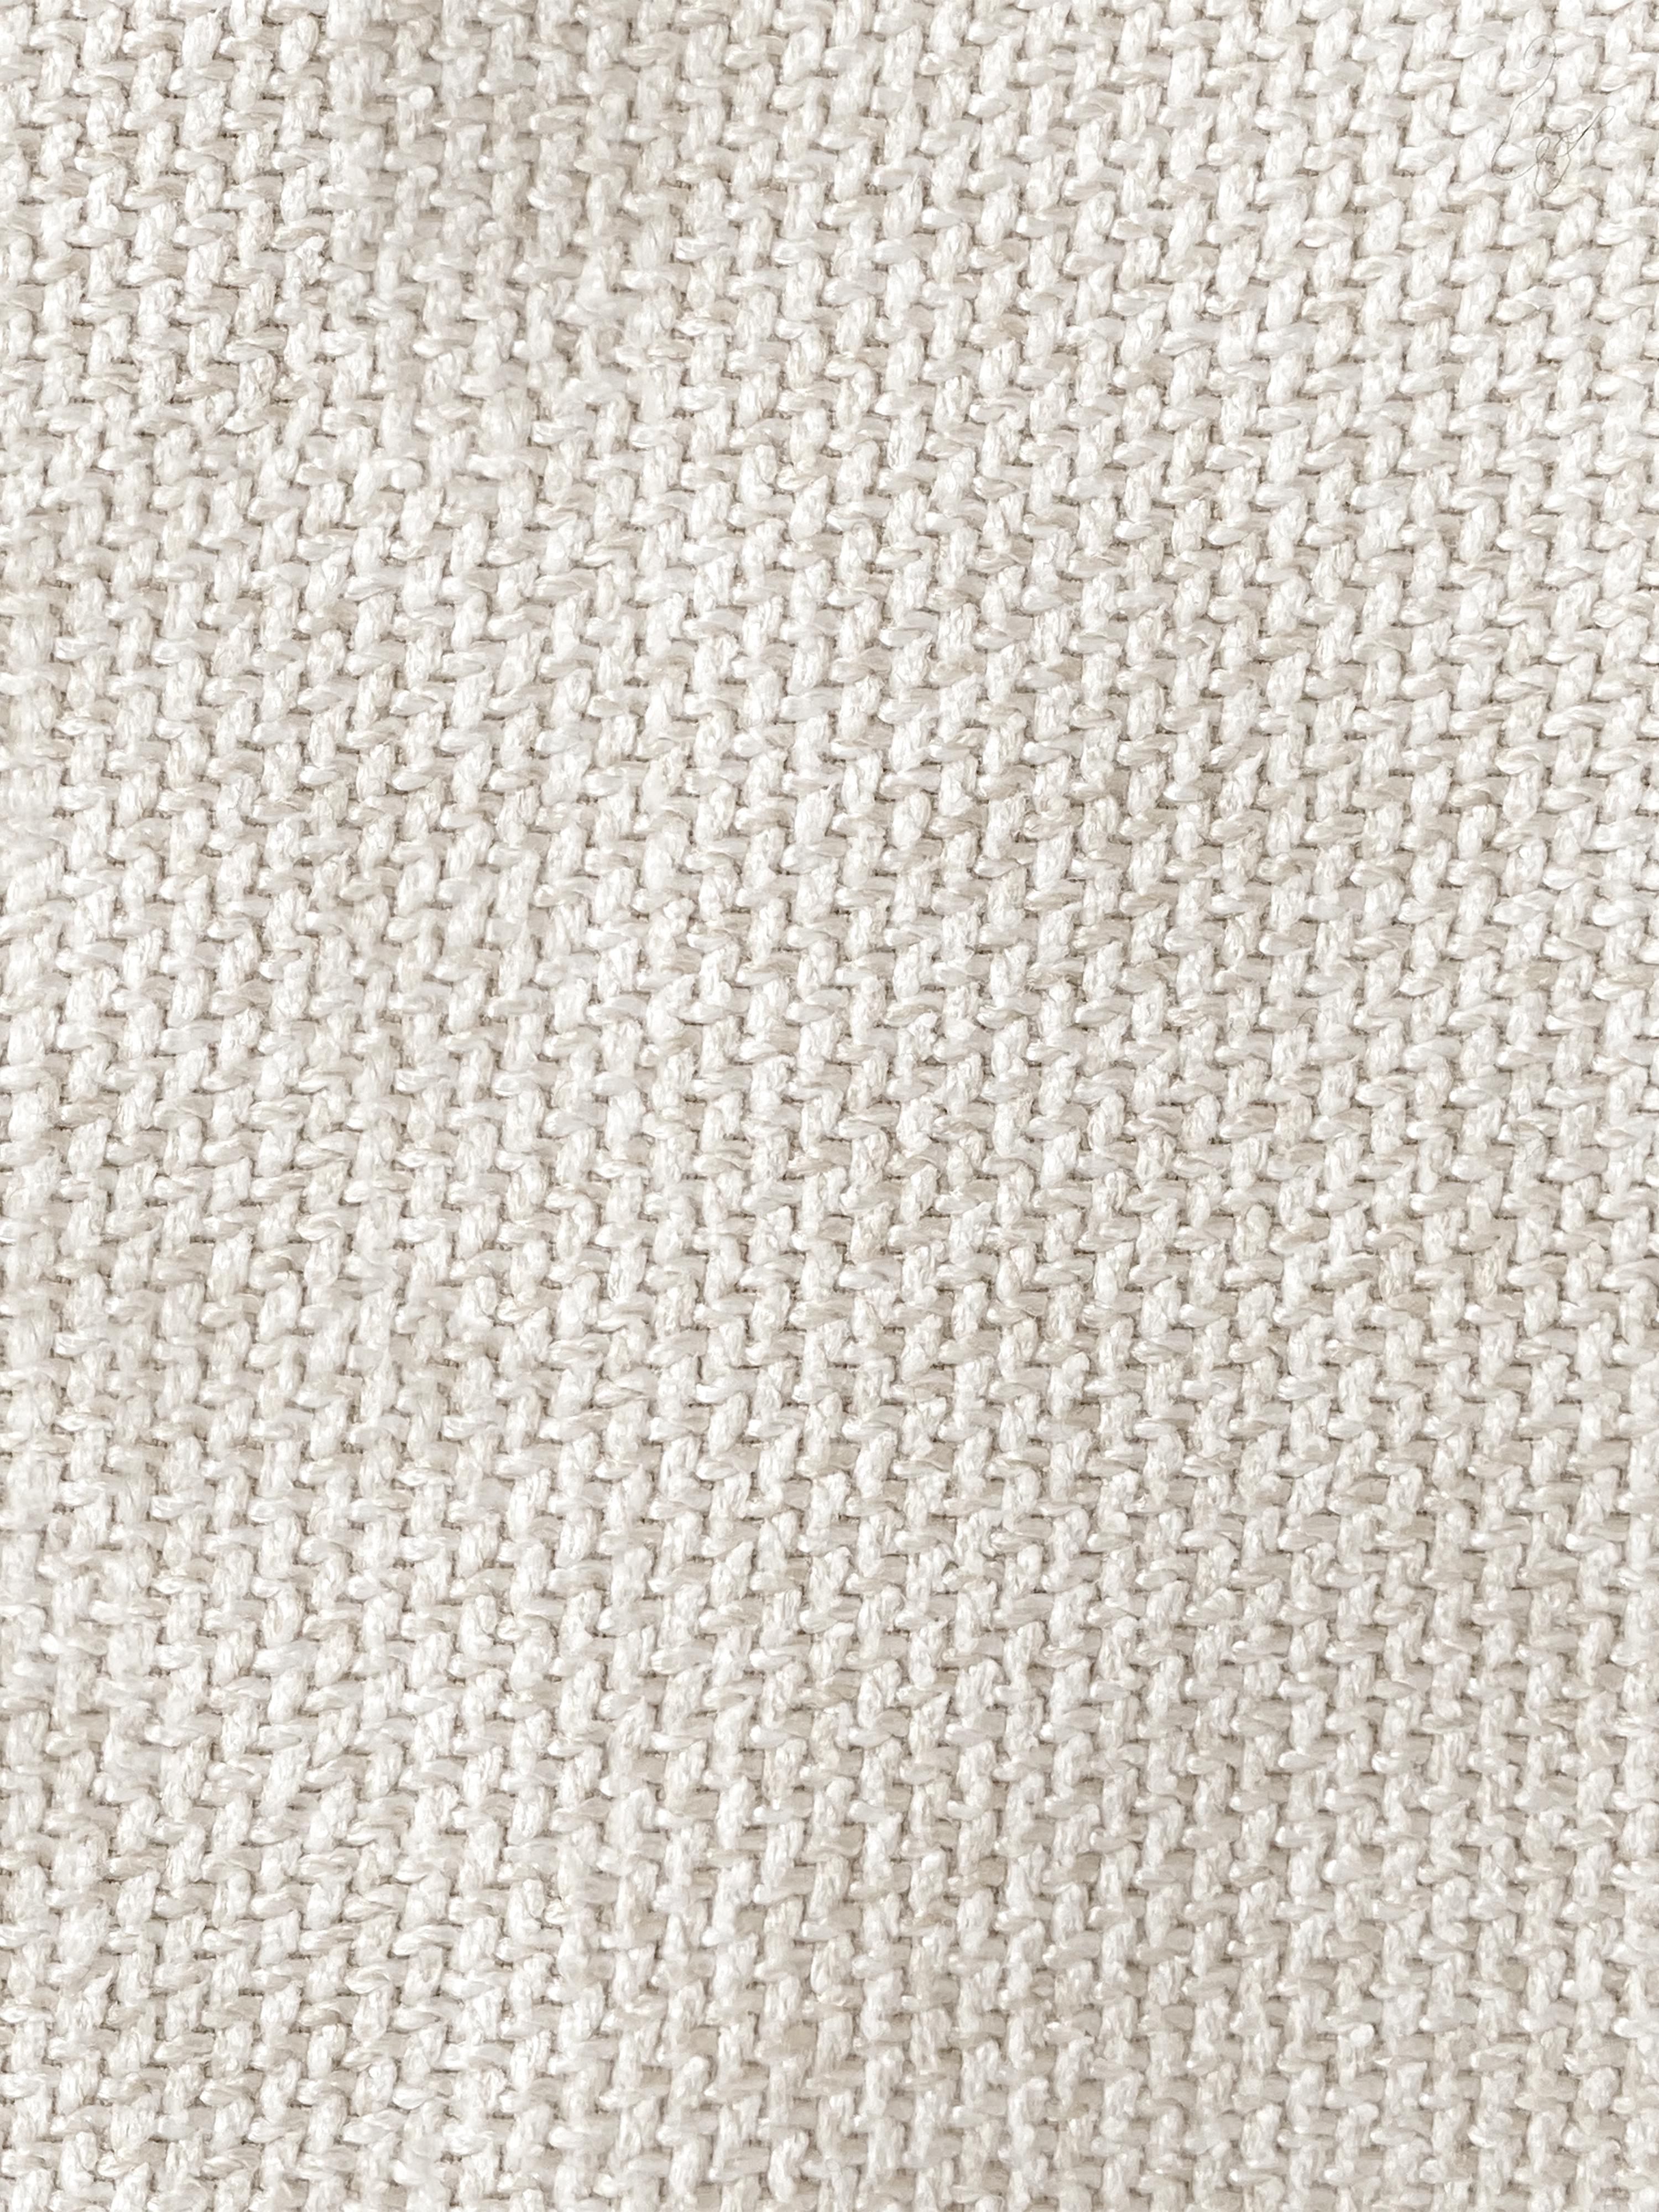 Divano componibile 3 posti in tessuto beige Lennon, Rivestimento: poliestere 35.000 cicli d, Struttura: legno di pino massiccio, , Piedini: materiale sintetico, Tessuto beige, Larg. 238 x Prof. 119 cm